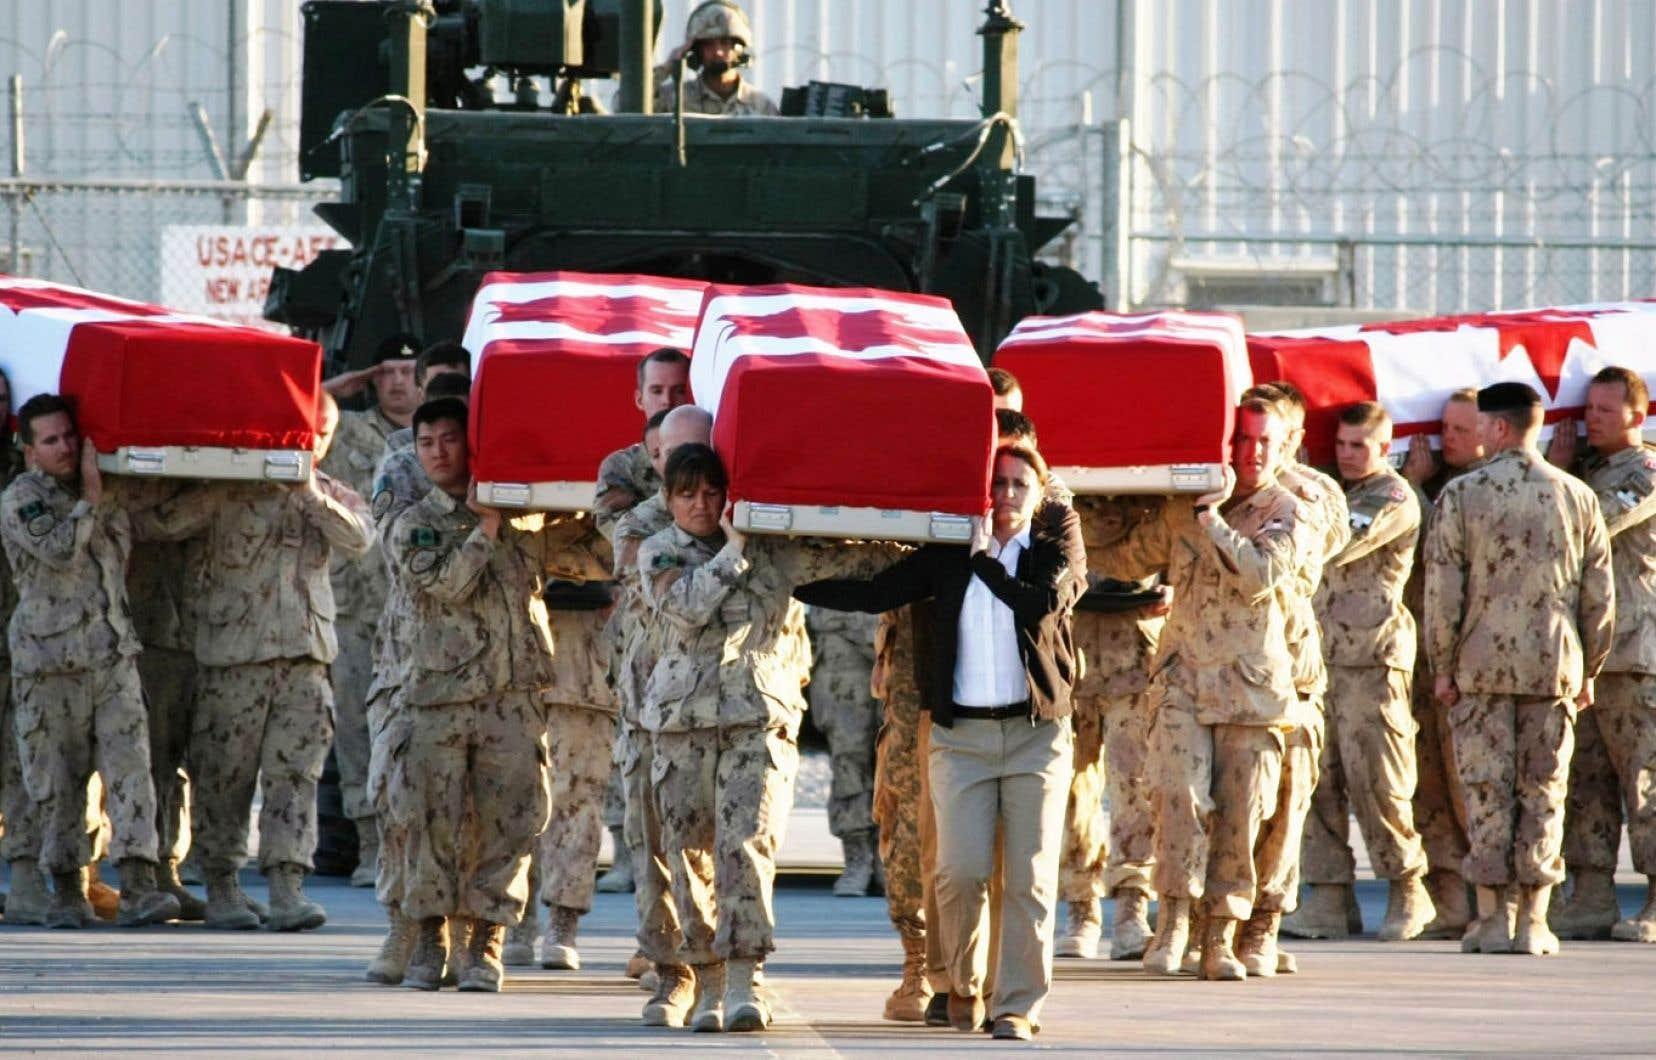 En décembre2009, la journaliste Michelle Lang et quatre soldats canadiens étaient tués dans un attentat en Afghanistan. MmeLang travaillait pour le Calgary Herald à titre de journaliste embarquée.